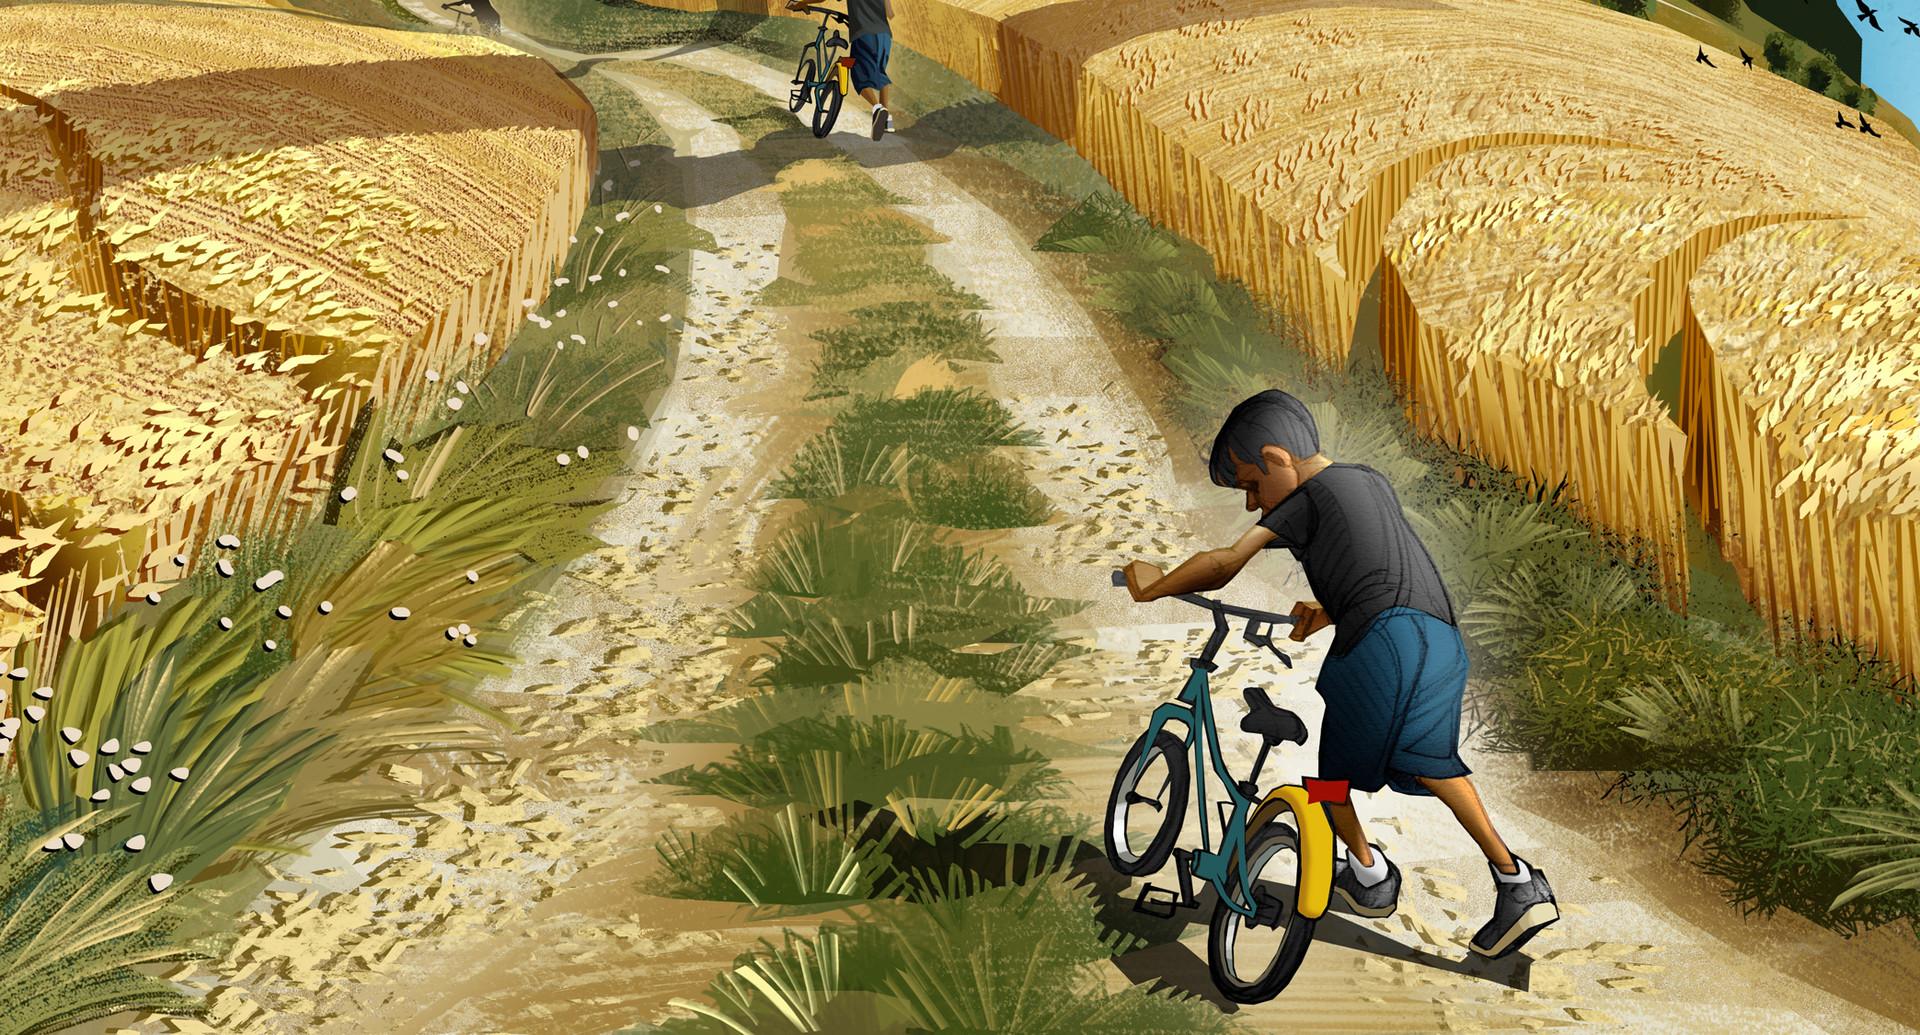 Harald ardeias summer fields detail 1